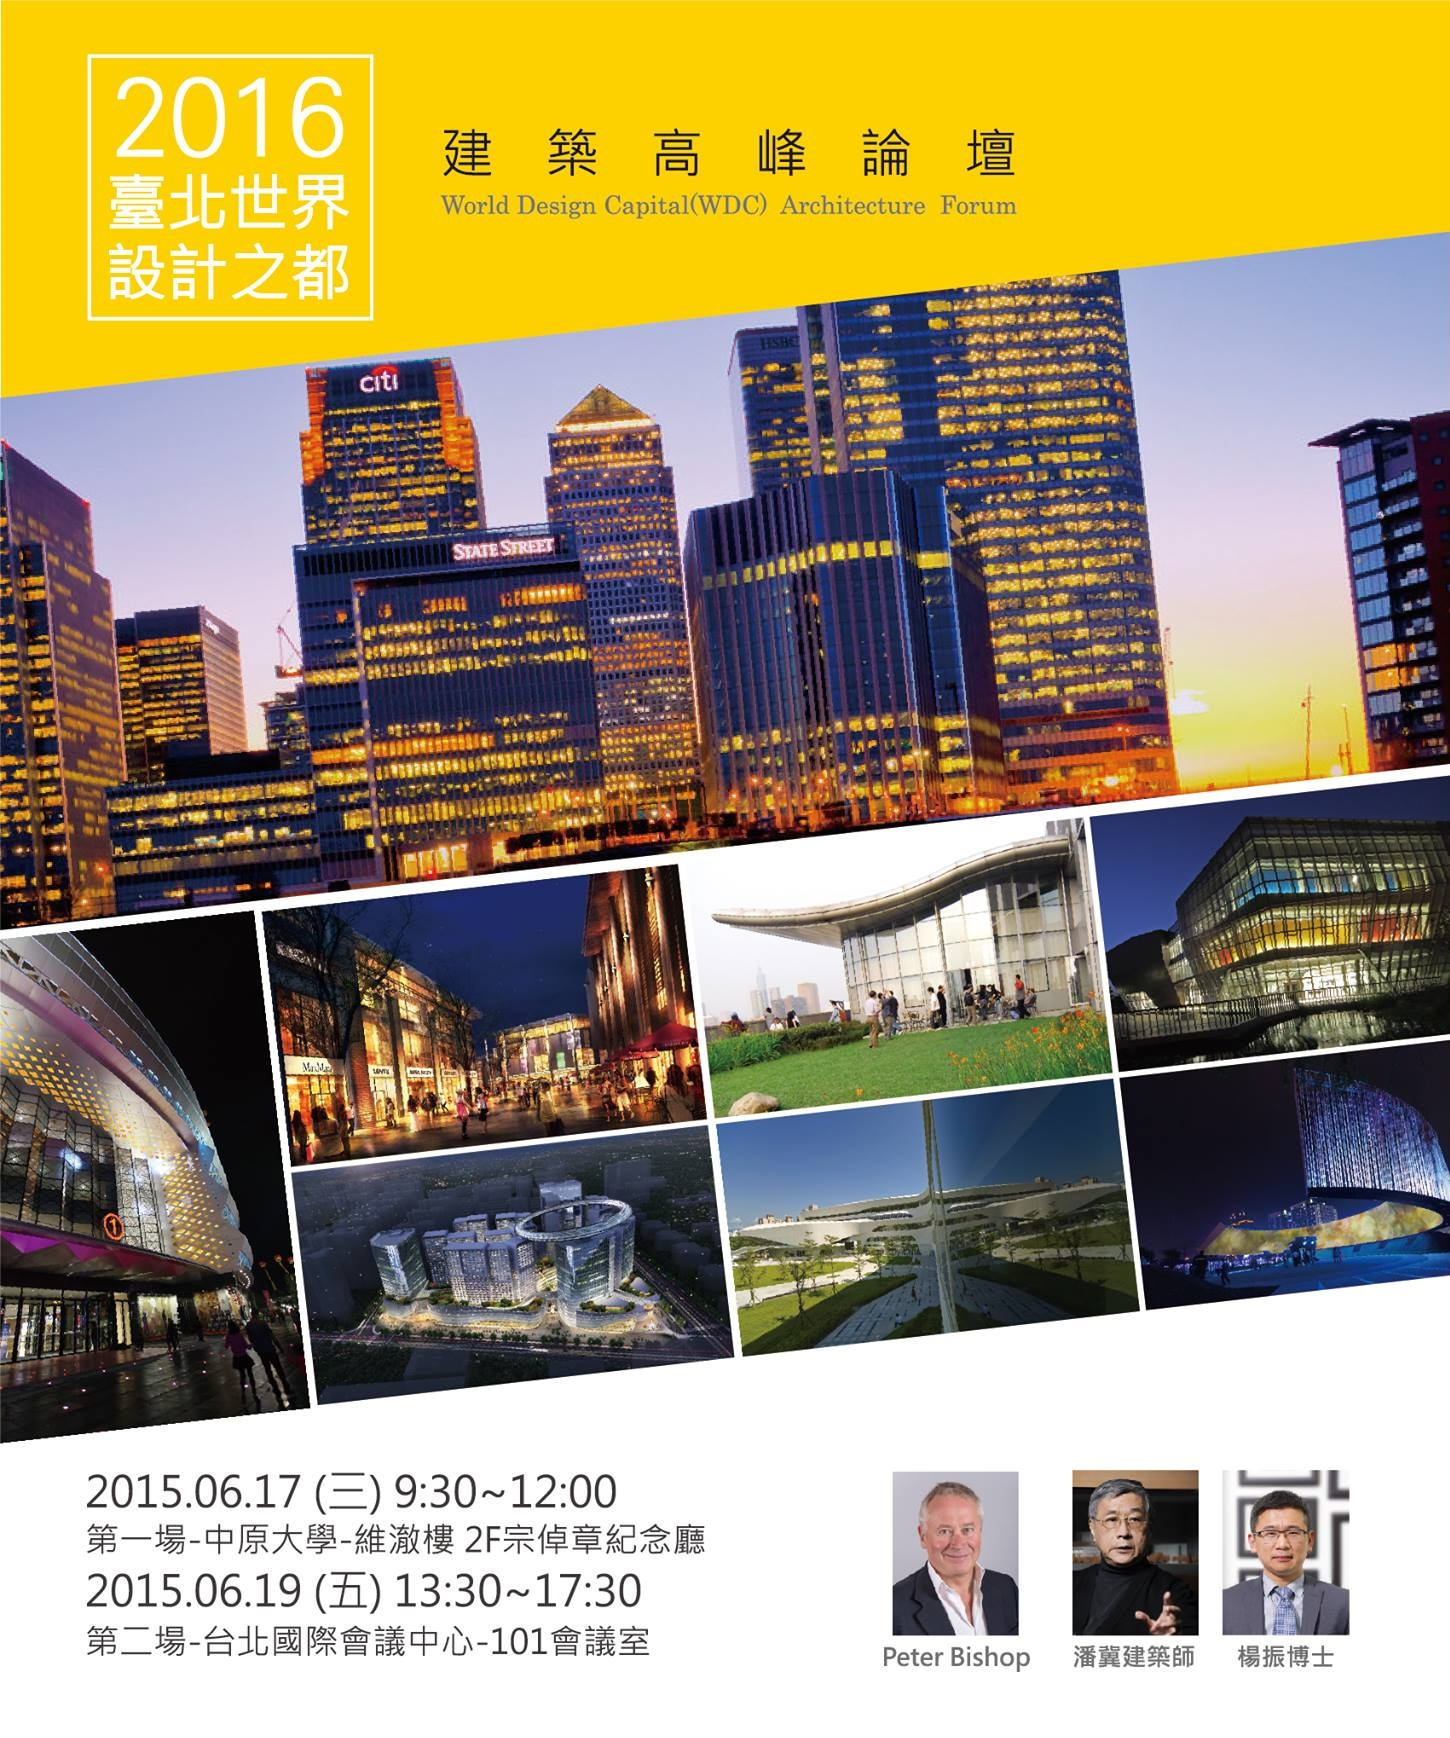 「2016臺北世界設計之都」建築高峰論壇